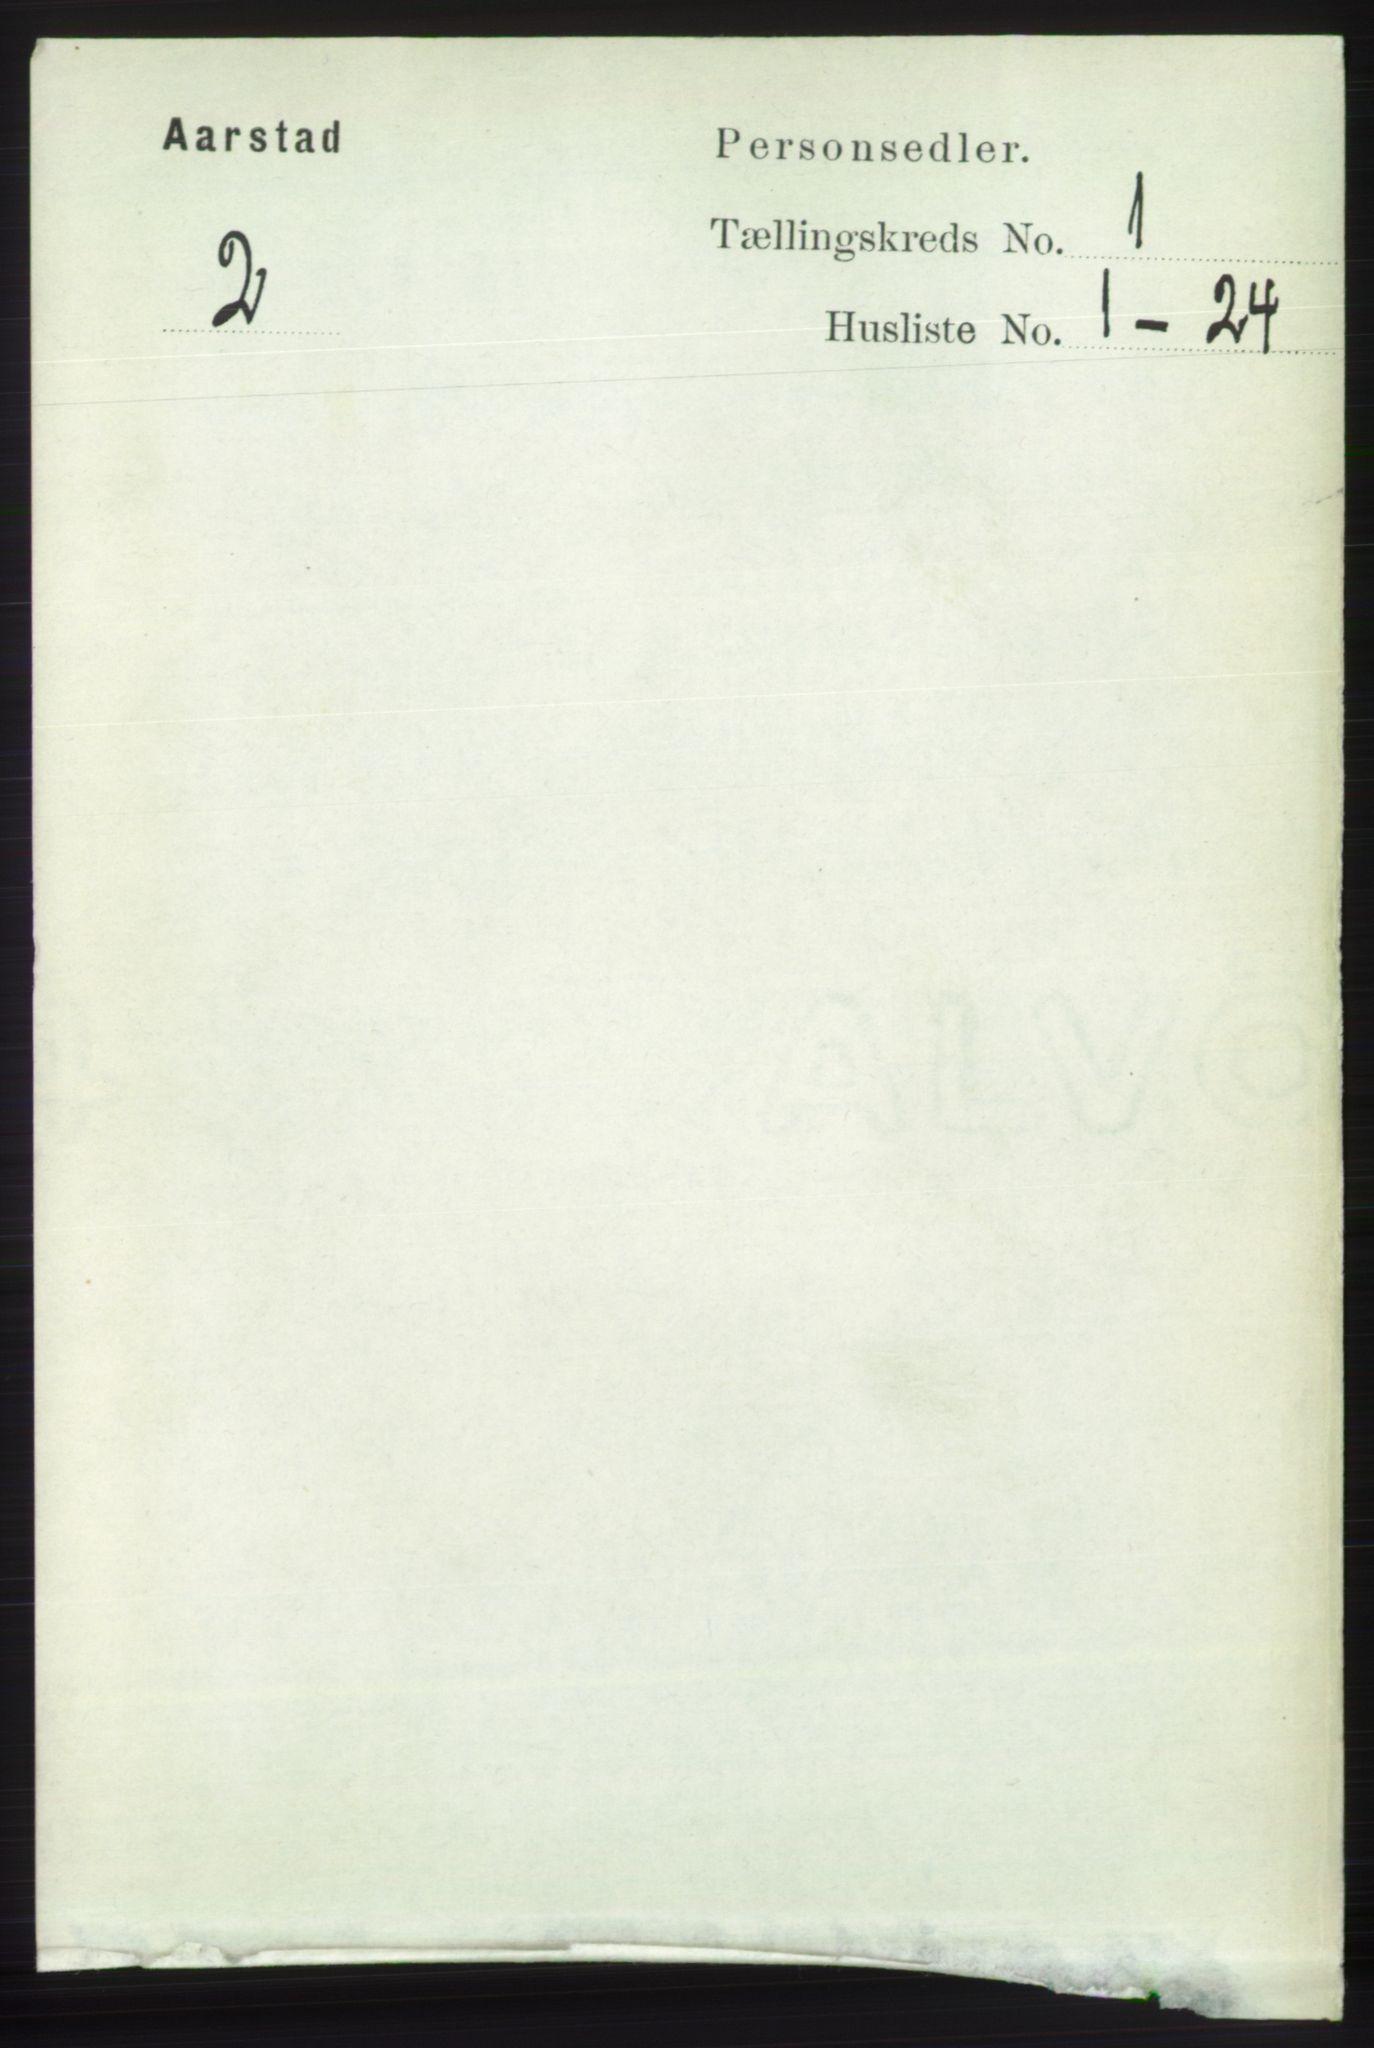 SAB, Folketelling 1891 for 1280 Årstad herred, 1891, s. 103